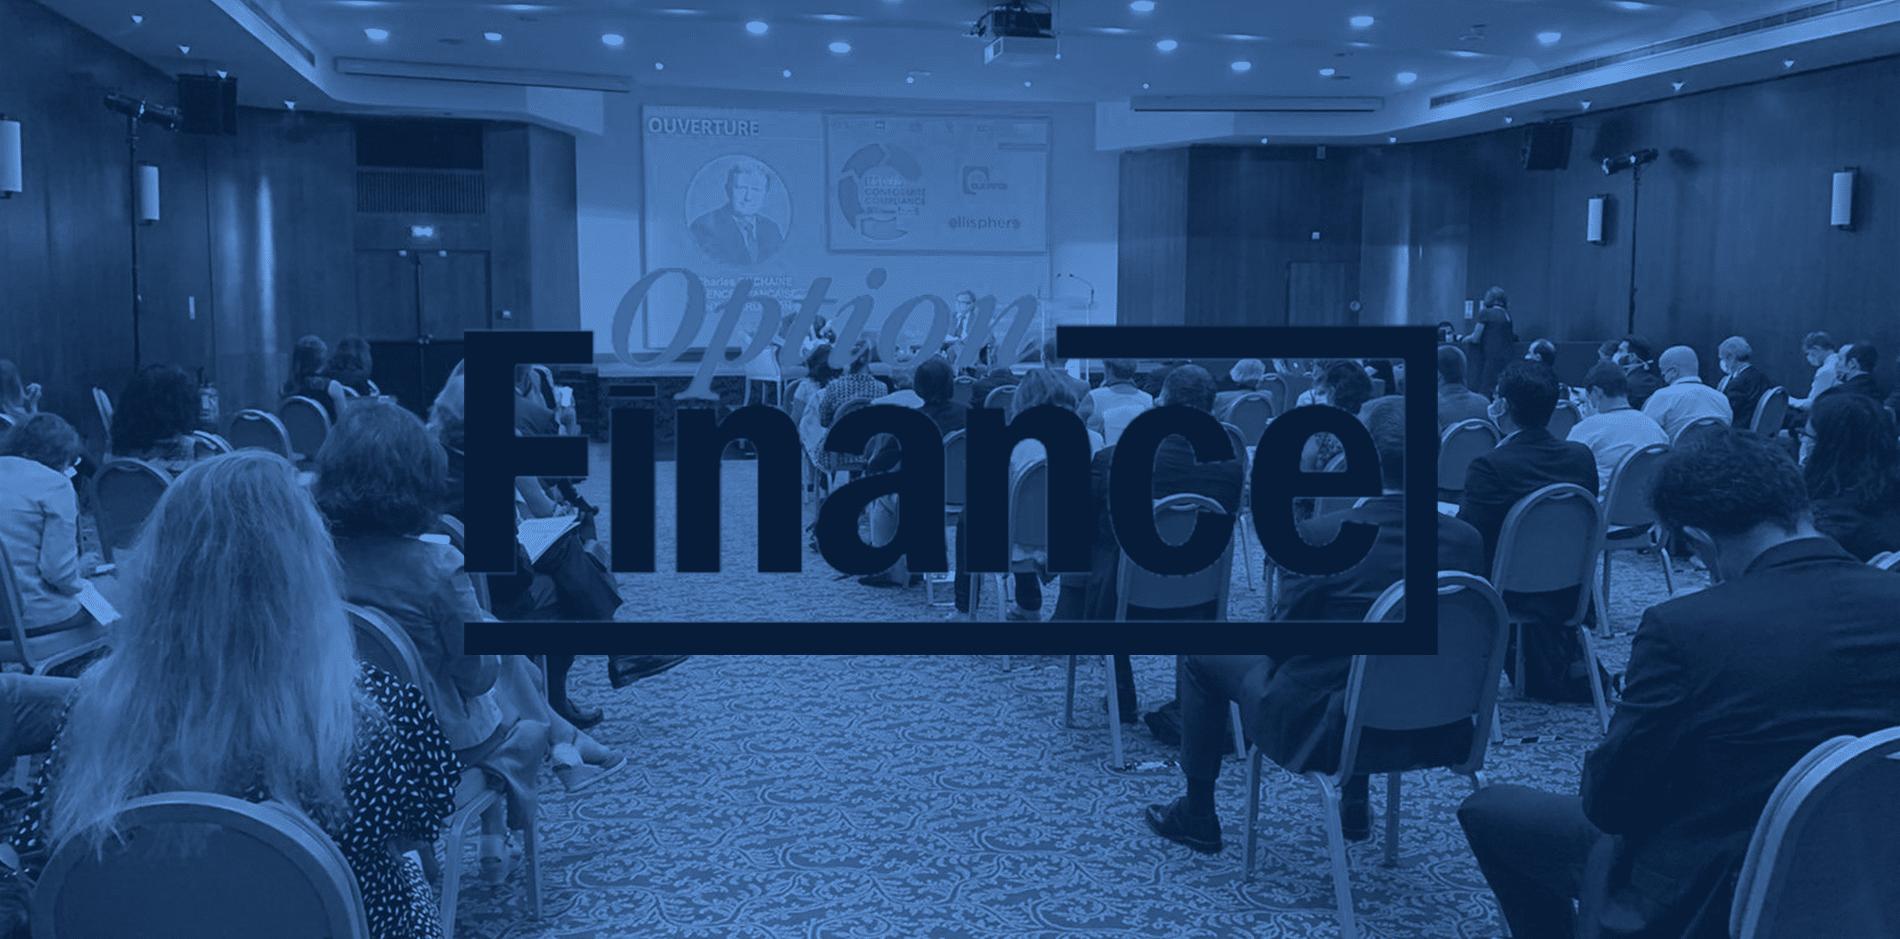 Les défis de la conformité : compliance – Option finance